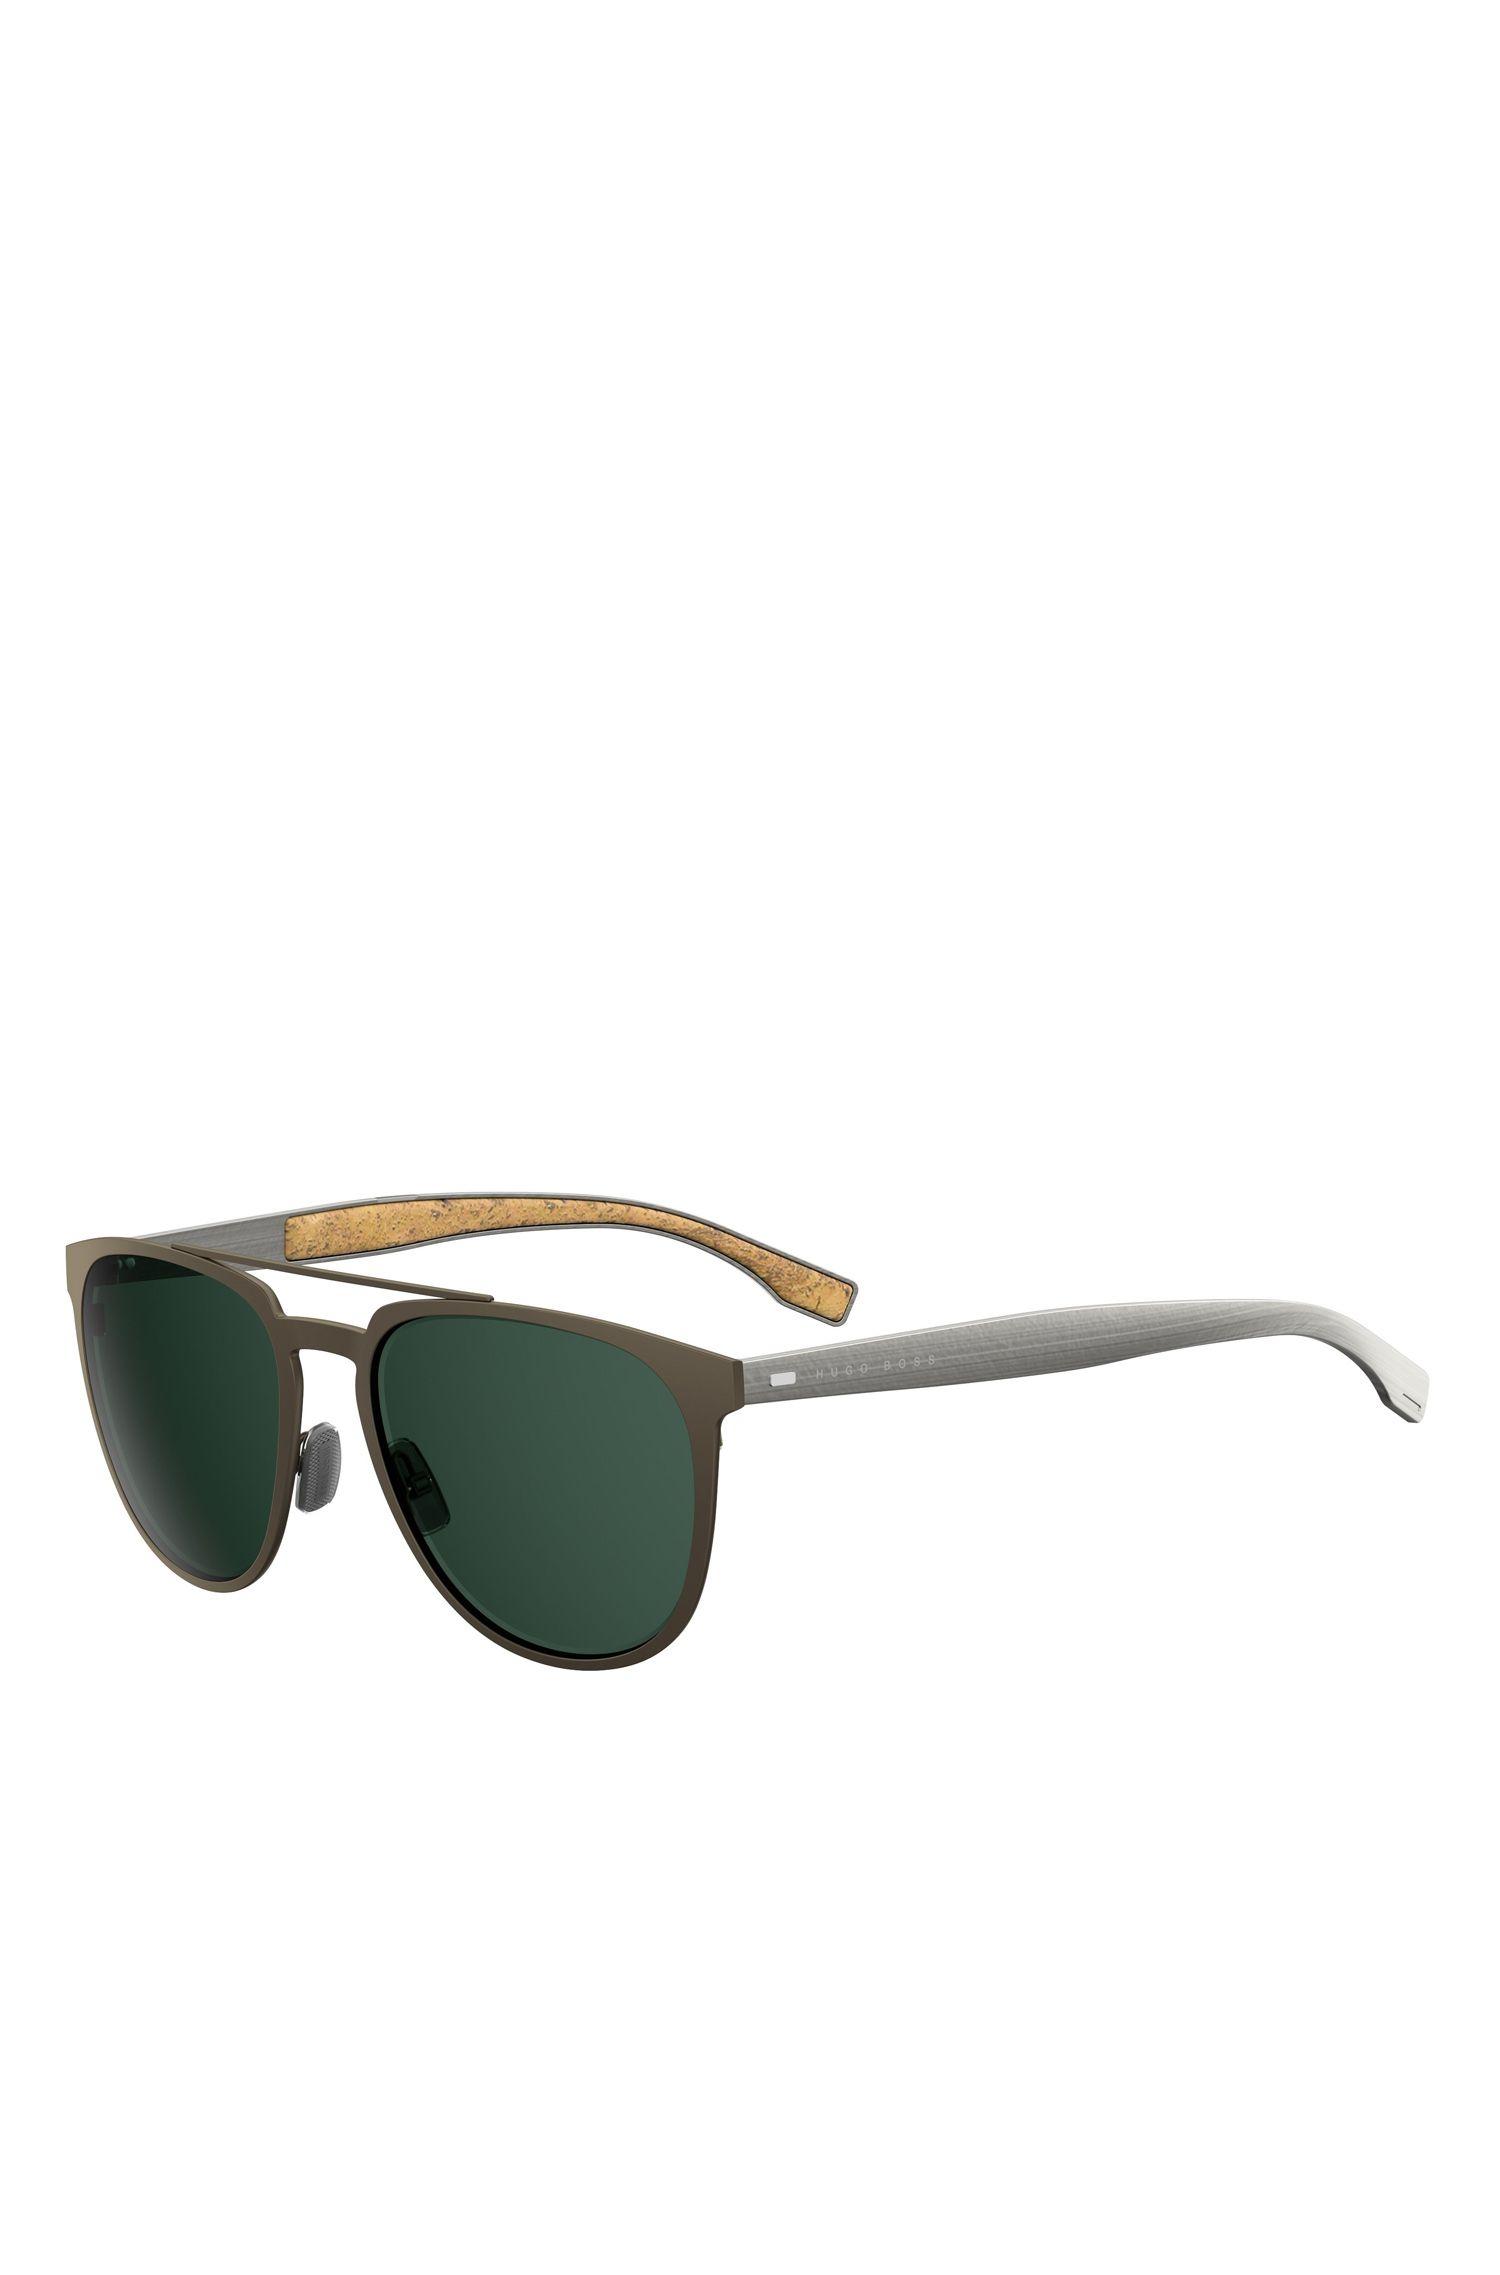 'BOSS 0882S' | Dark Brown Round Metal Sunglasses